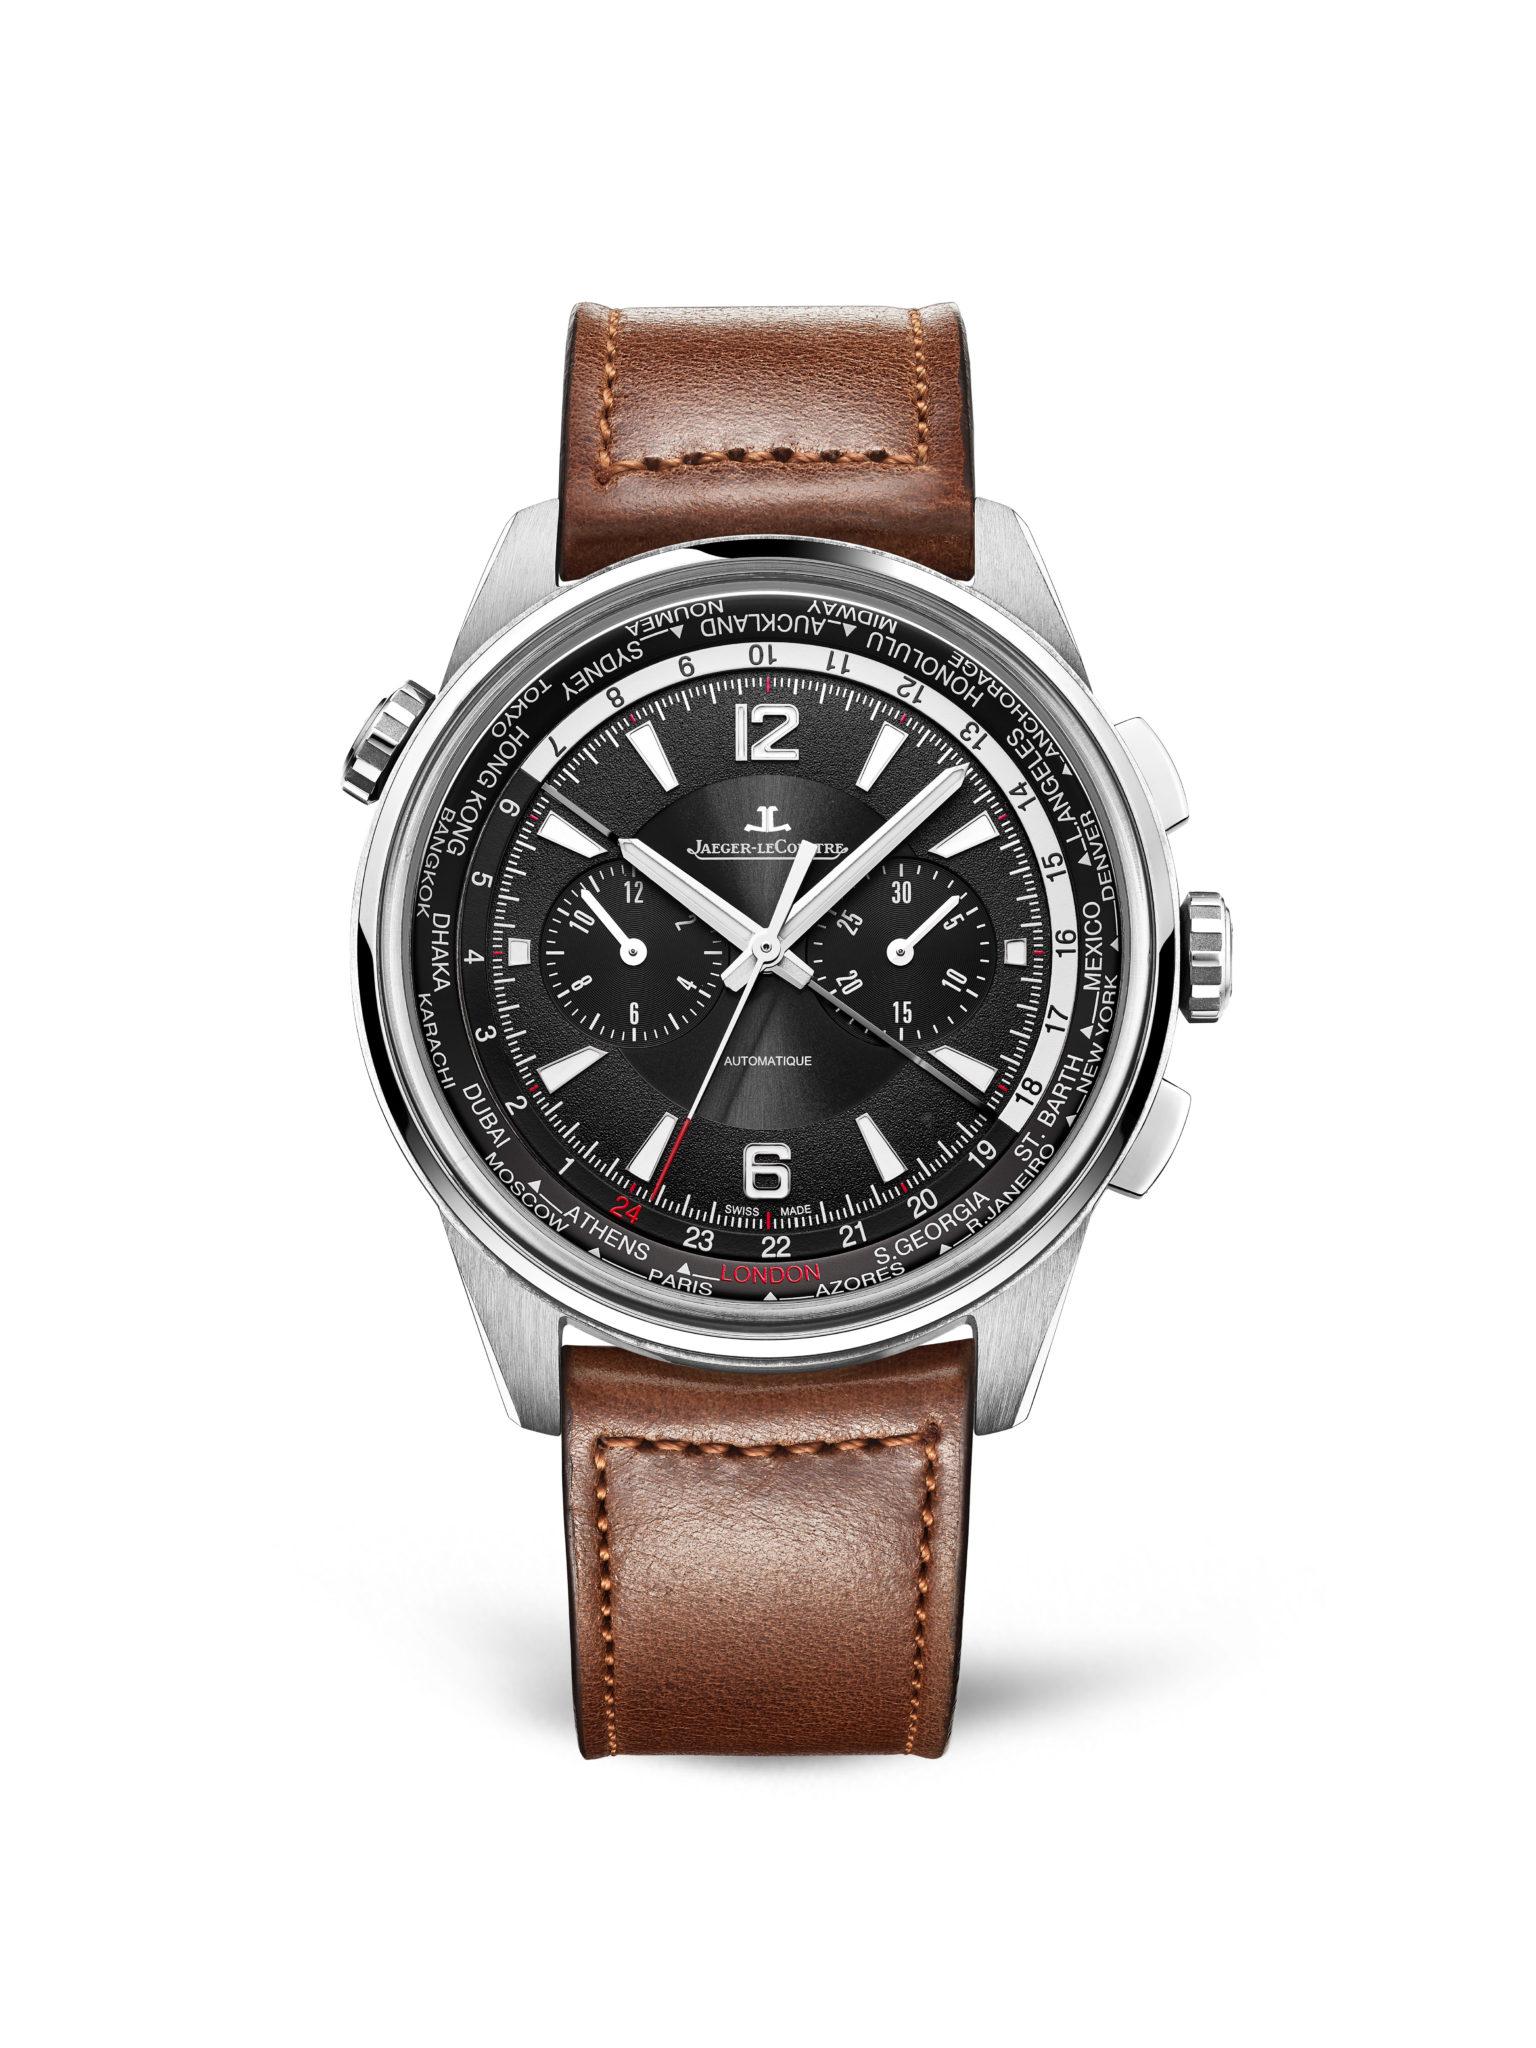 Jaeger-LeCoultre Polaris Chronograph WT_905T471